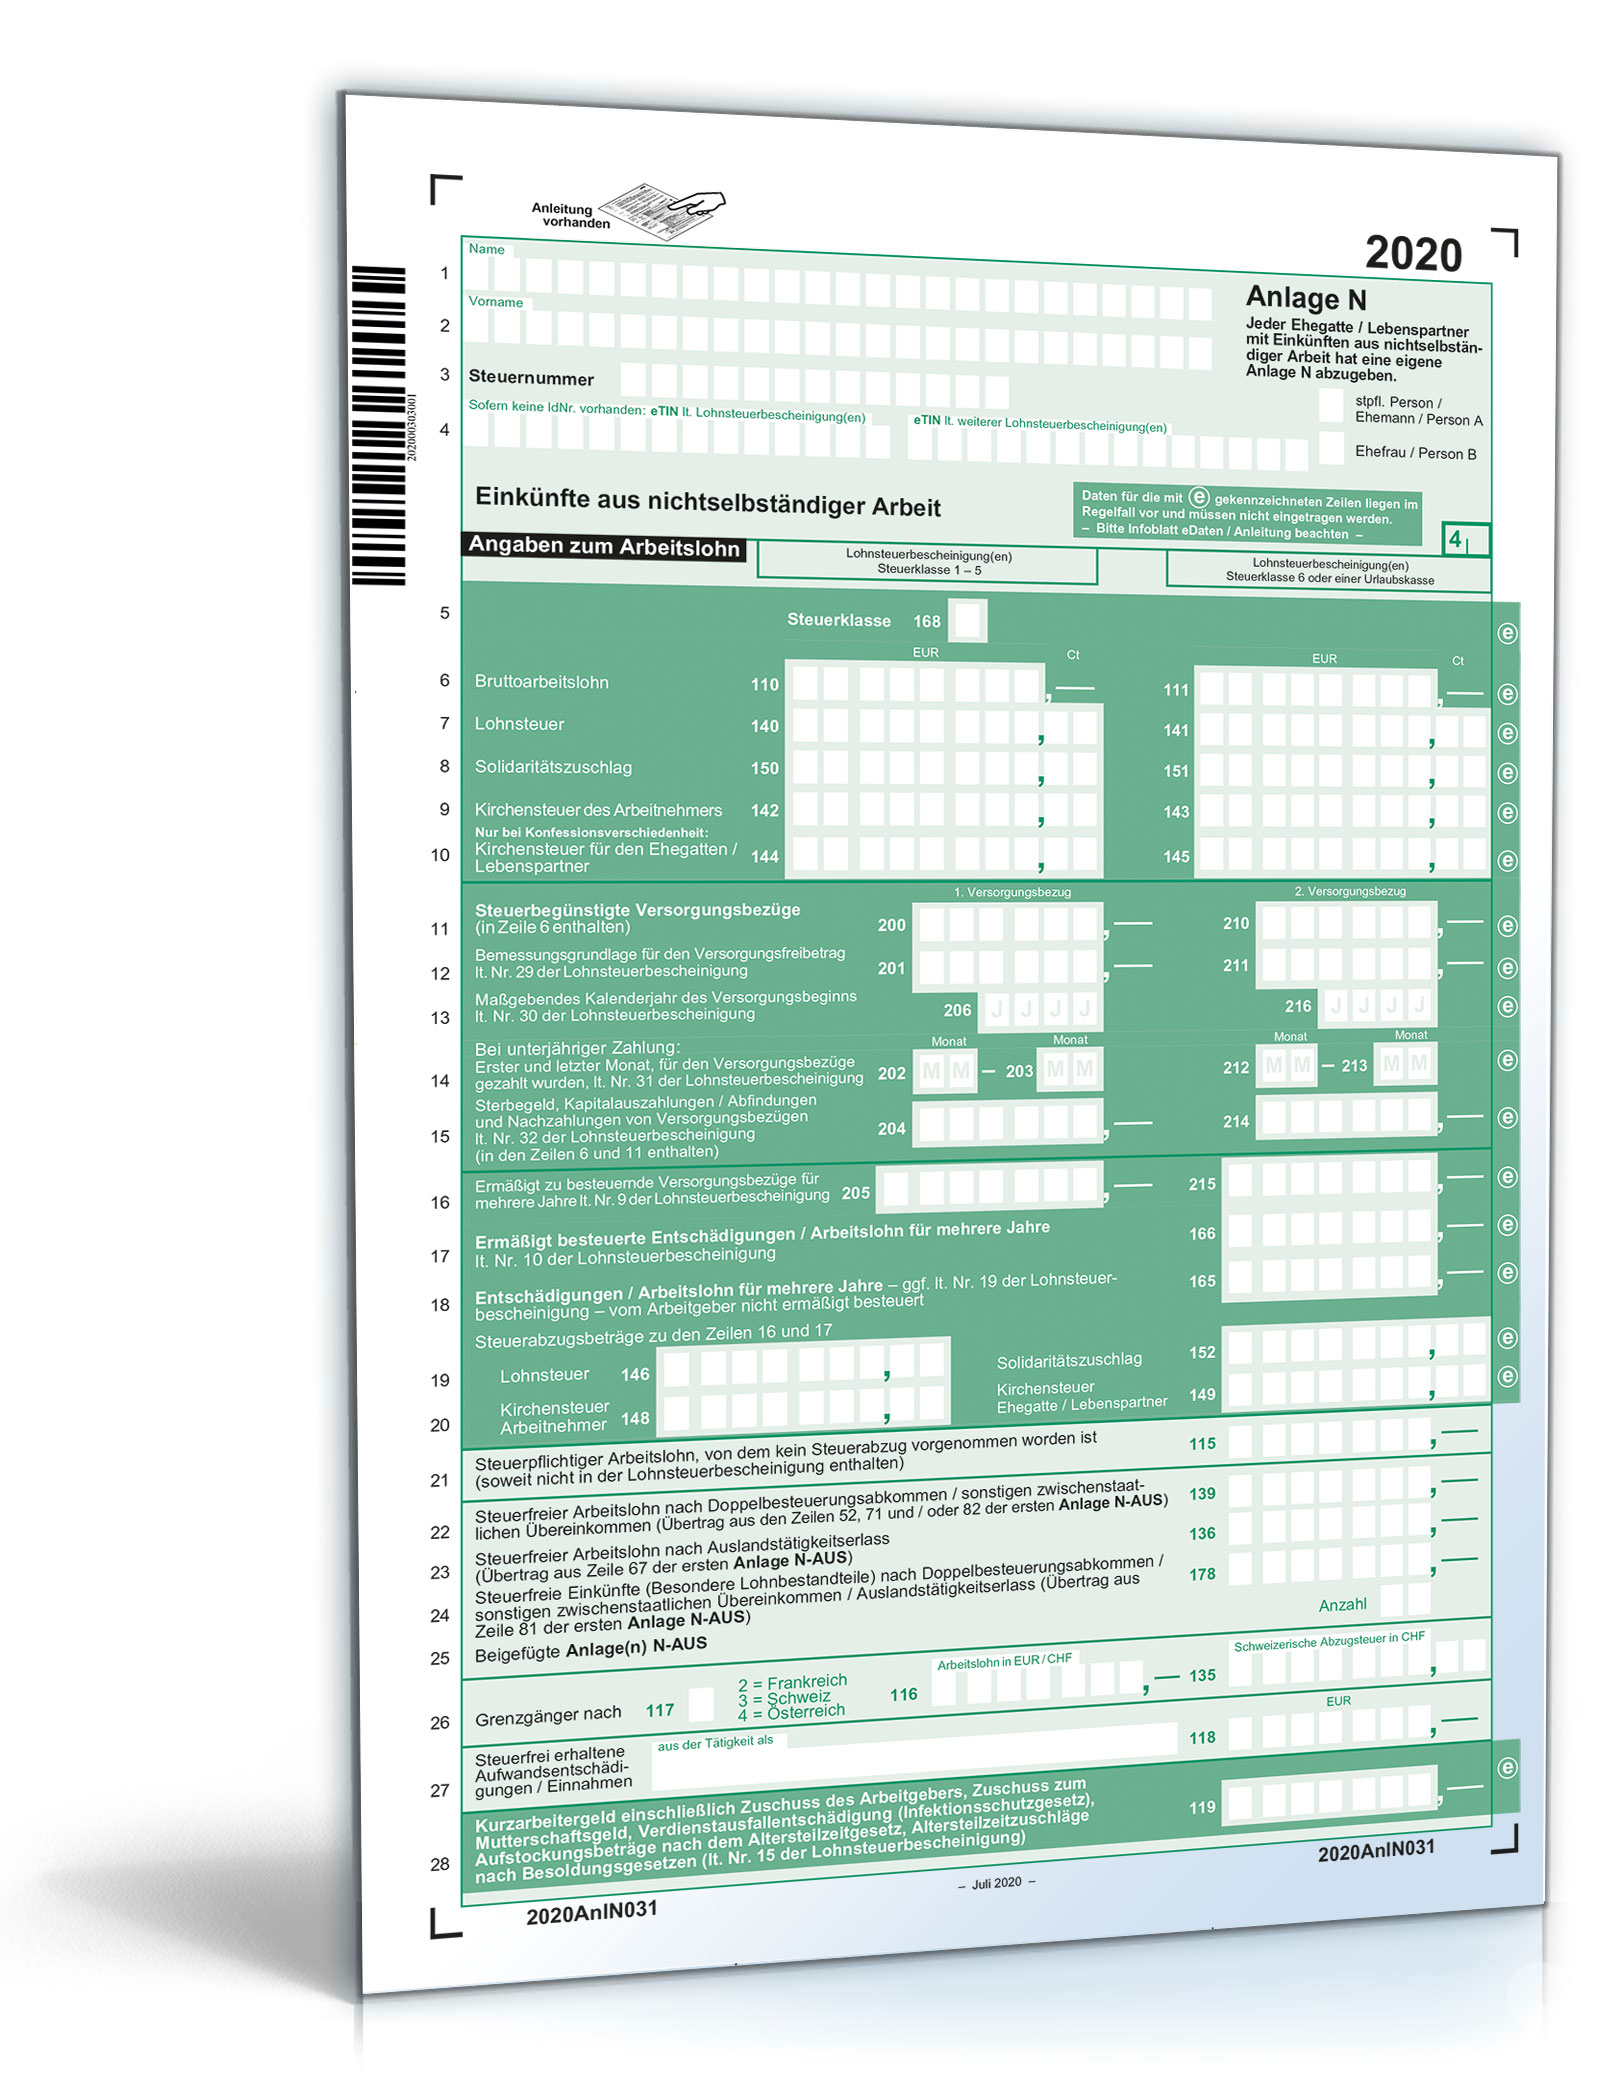 Anlage N 2020   Gratis: Steuerformular zum Download